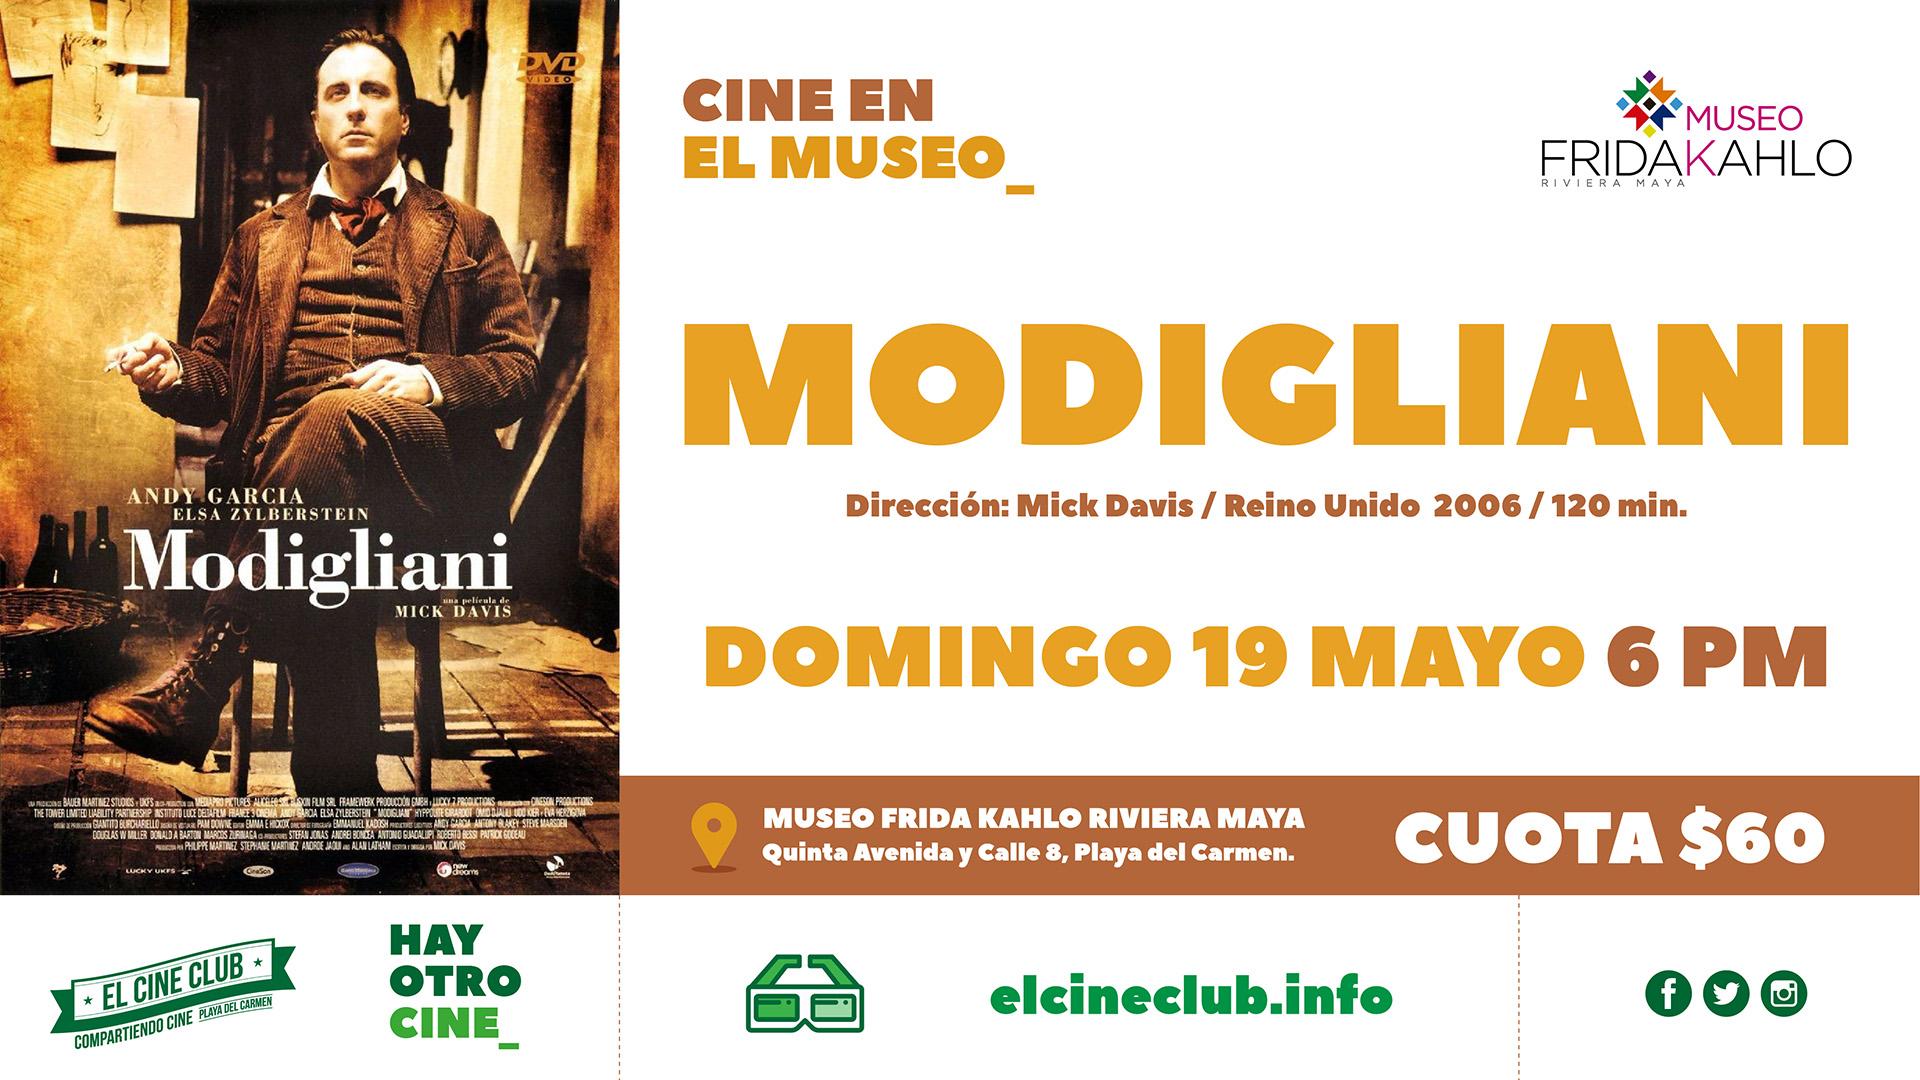 Modigliani_MFK_Mesa de trabajo 1 copia copy 6.jpg